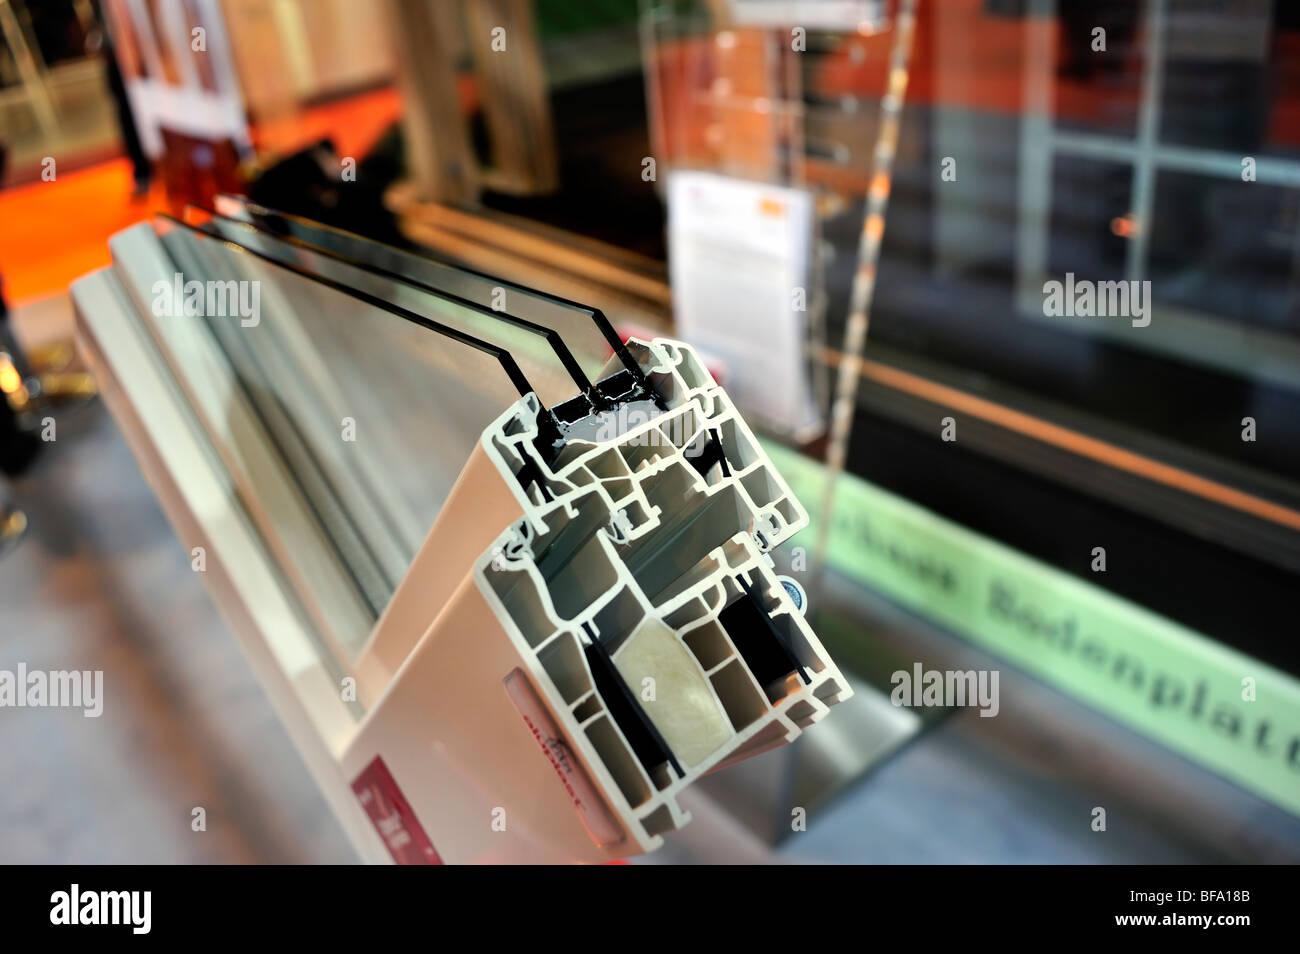 """Paris, Frankreich, Bau Equipment Trade Show, Detail, """"Dreifach verglaste"""" Isolierfenster, Display, grün Stockbild"""